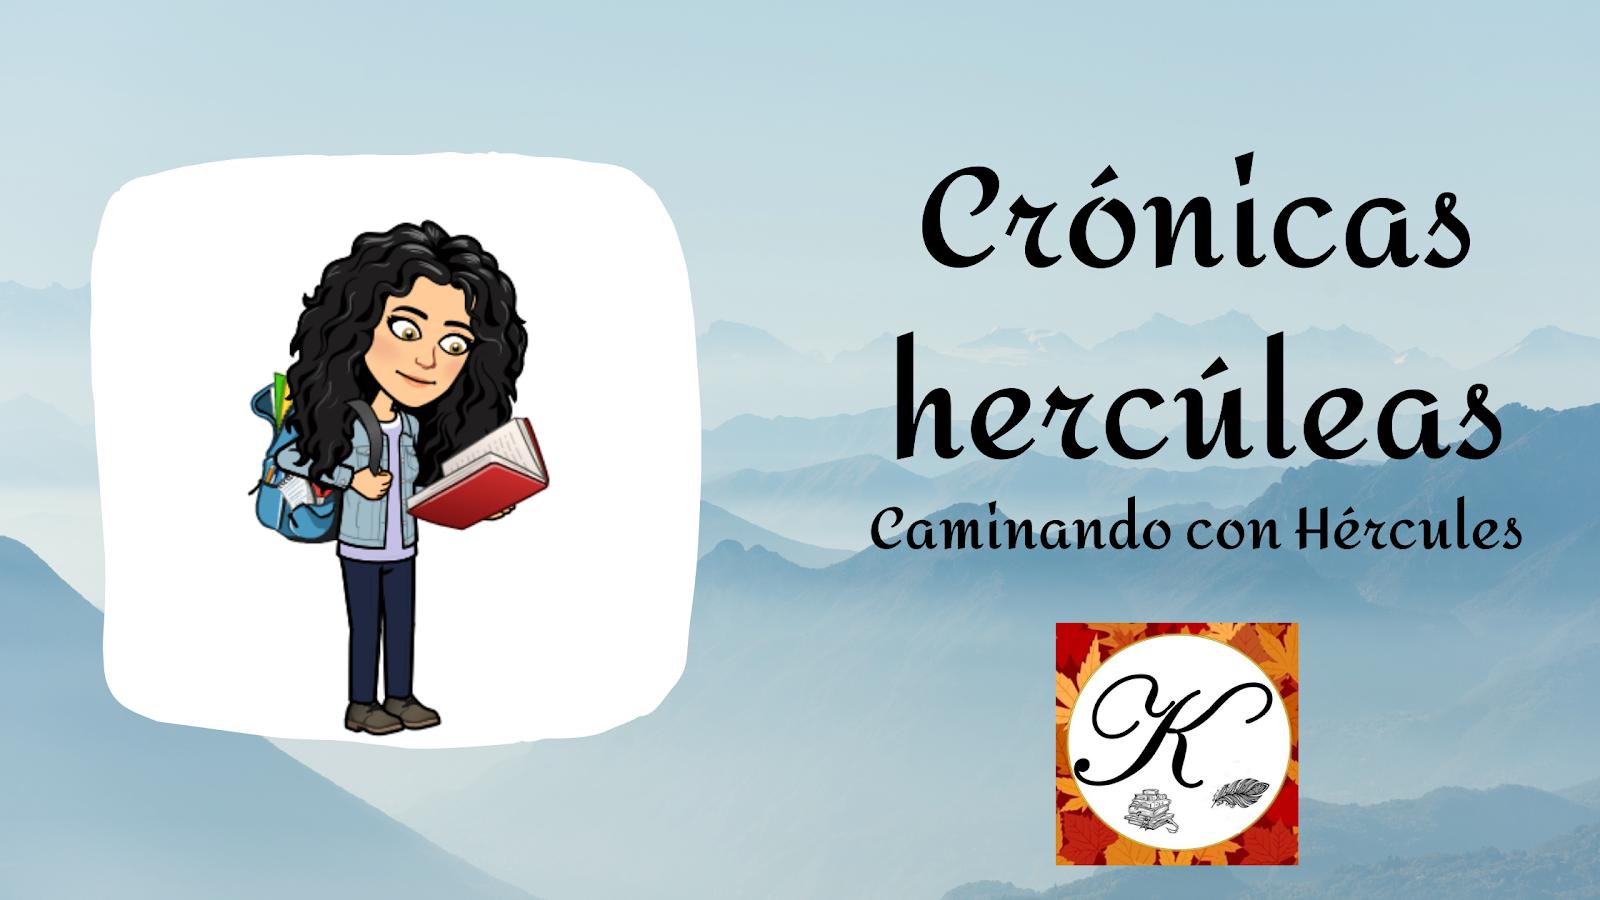 Crónicas hercúleas